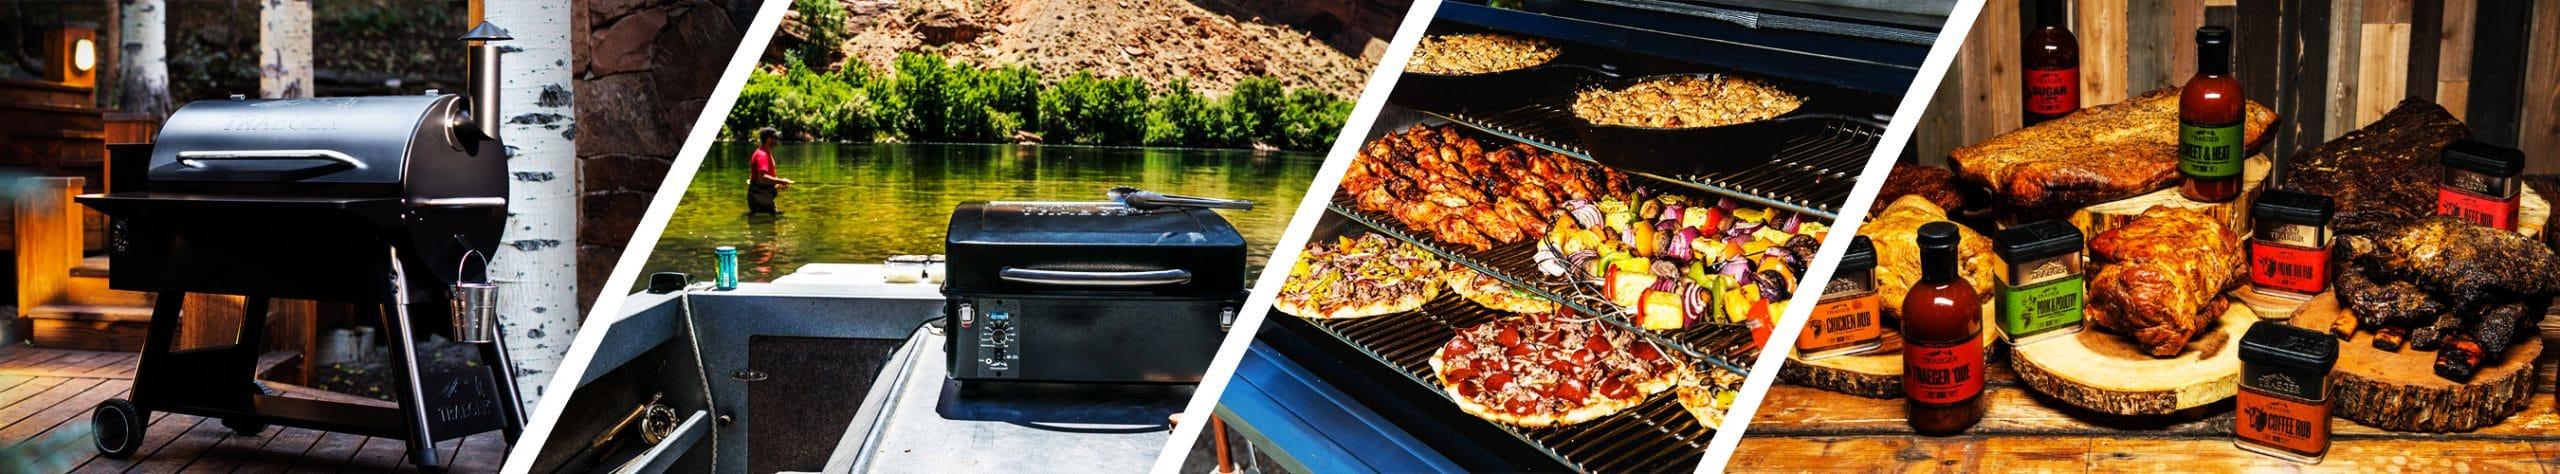 Traeger Barbecue a Pellet